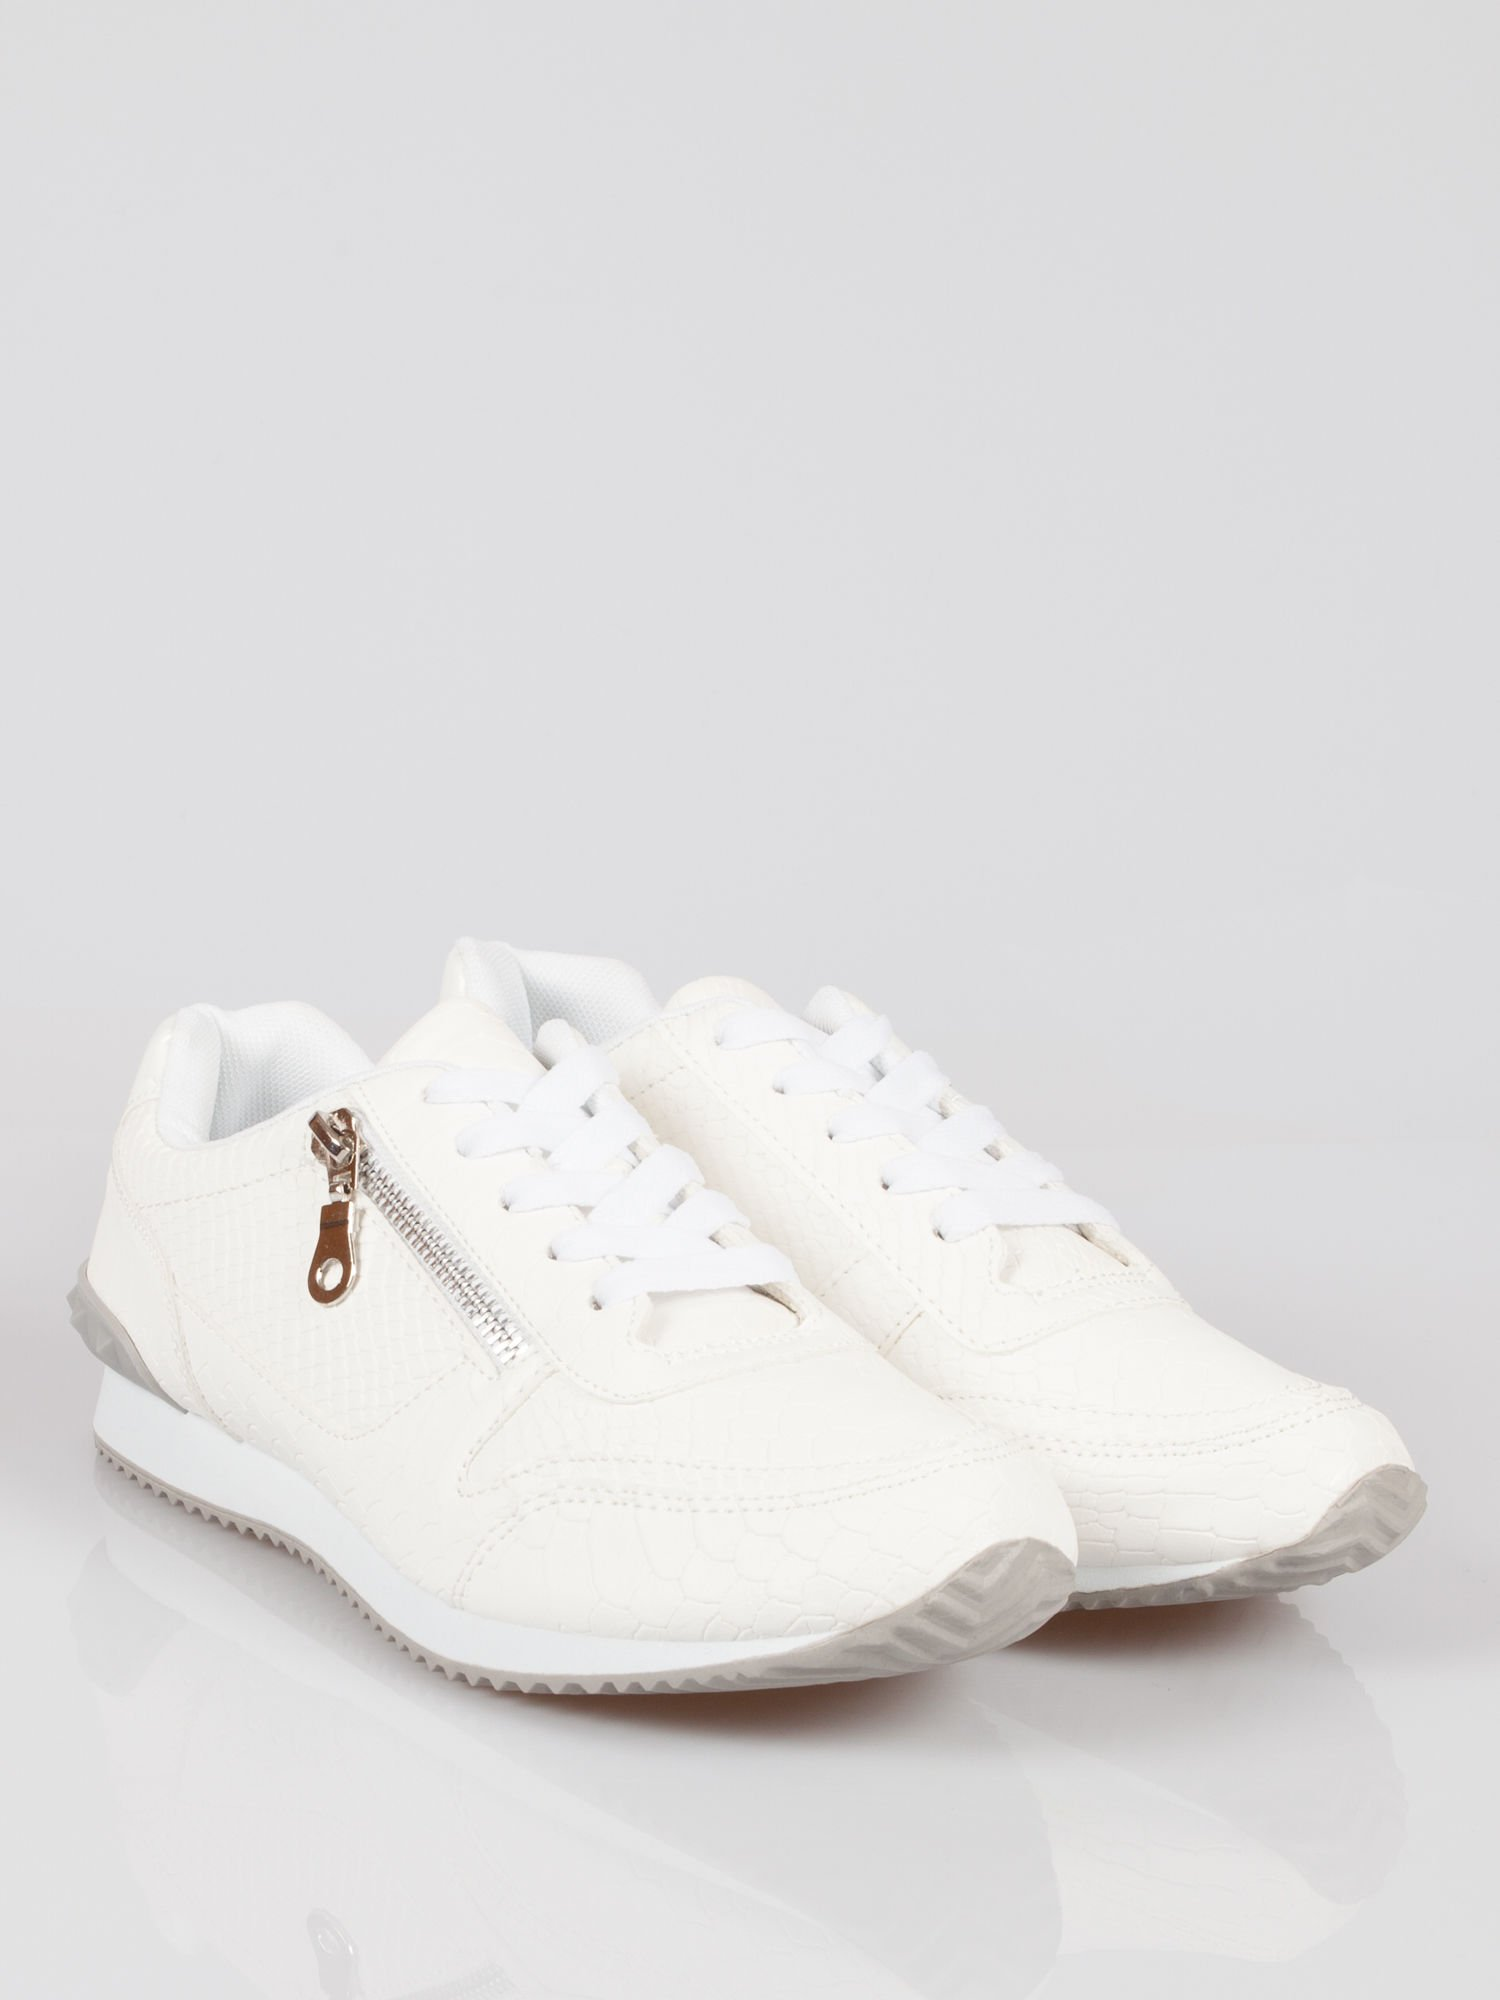 Białe adidasy damskie z efektem skóry krokodyla i suwakiem                                  zdj.                                  2